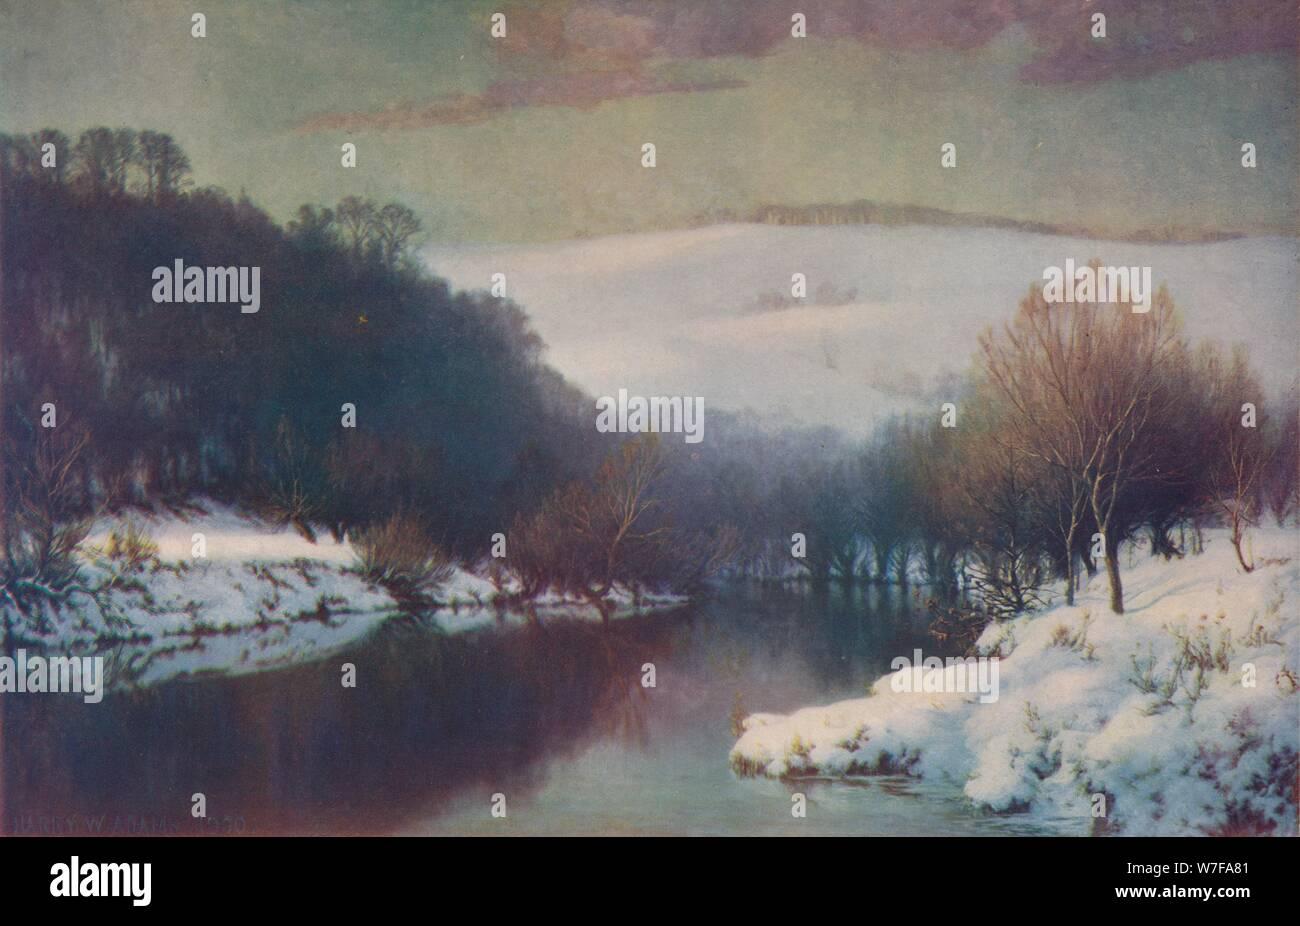 William Adams Stock Photos & William Adams Stock Images - Alamy